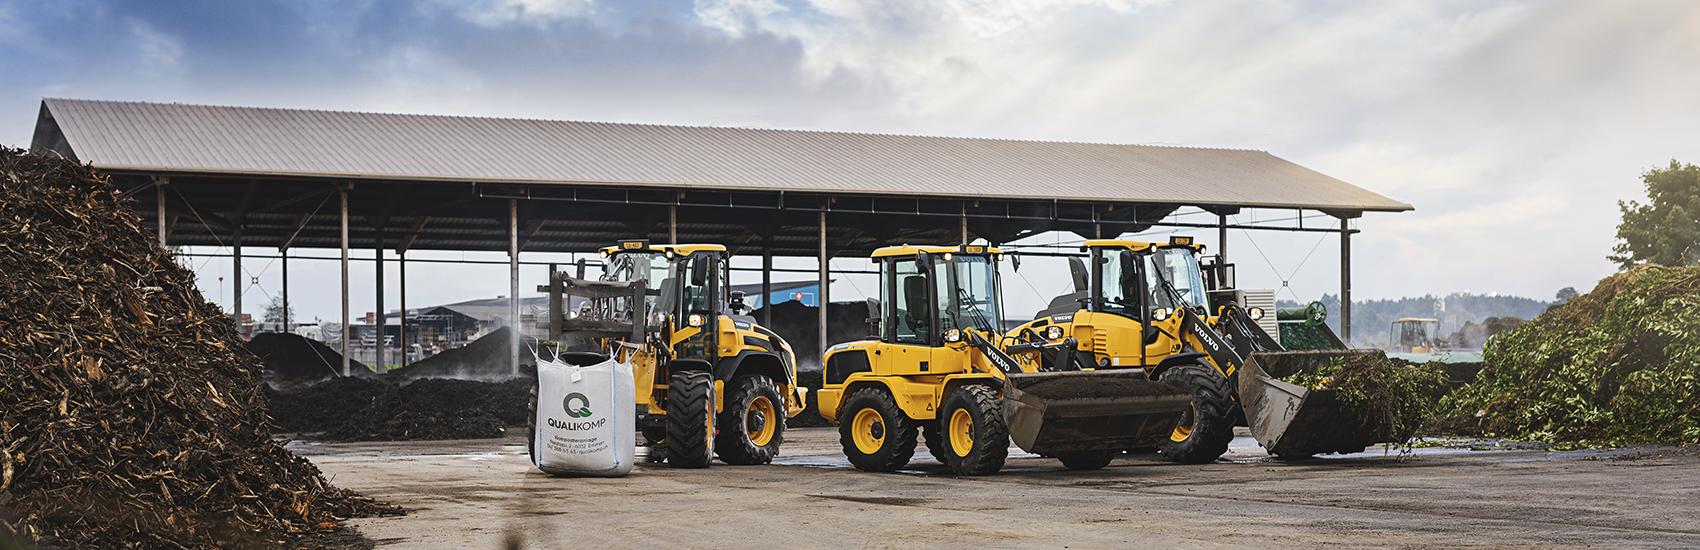 Maschinenpark der Qualikomp AG in Emmen, Kompostieranlage für Qualitätskompost